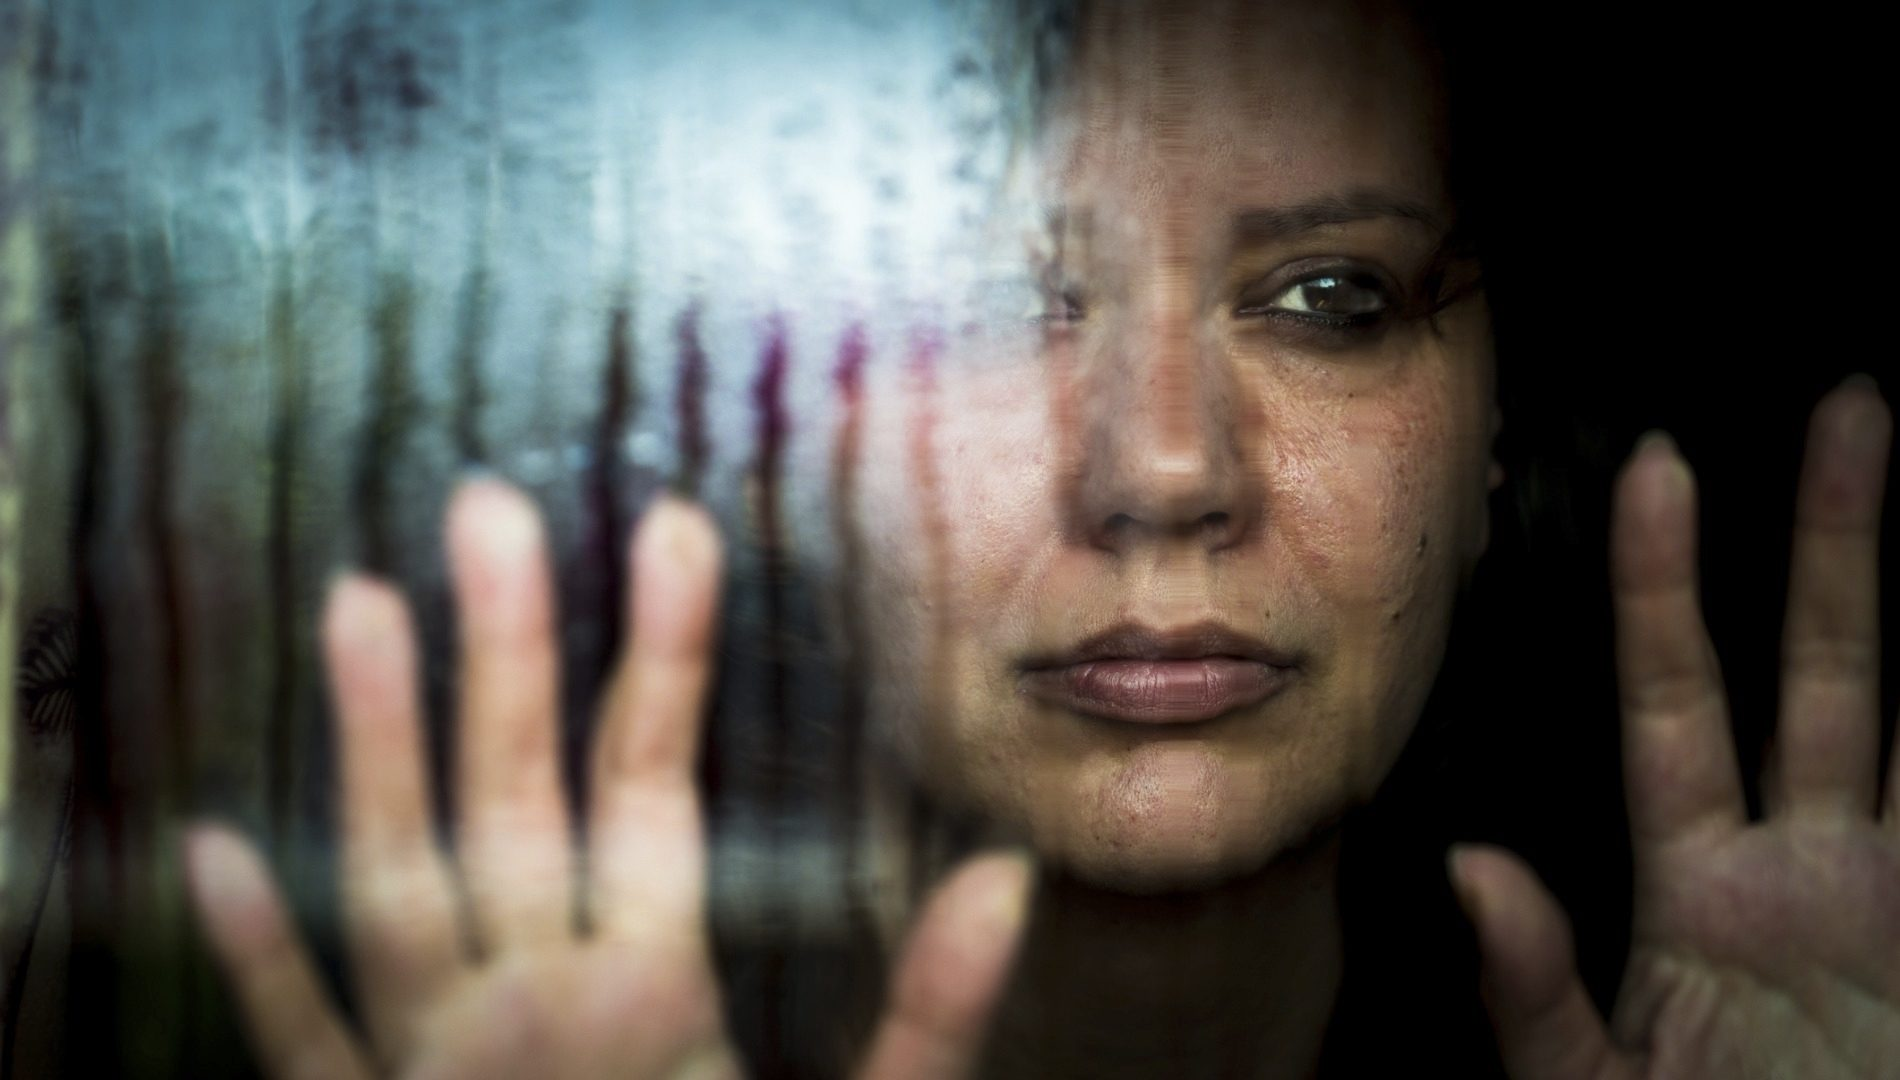 Sateenkaari-ihmisten suhteet ovat monille yhä se paikka, jossa saa olla paossa muulta yhteiskunnalta. Sen vuoksi lähisuhdeväkivalta on erityisen satuttavaa.